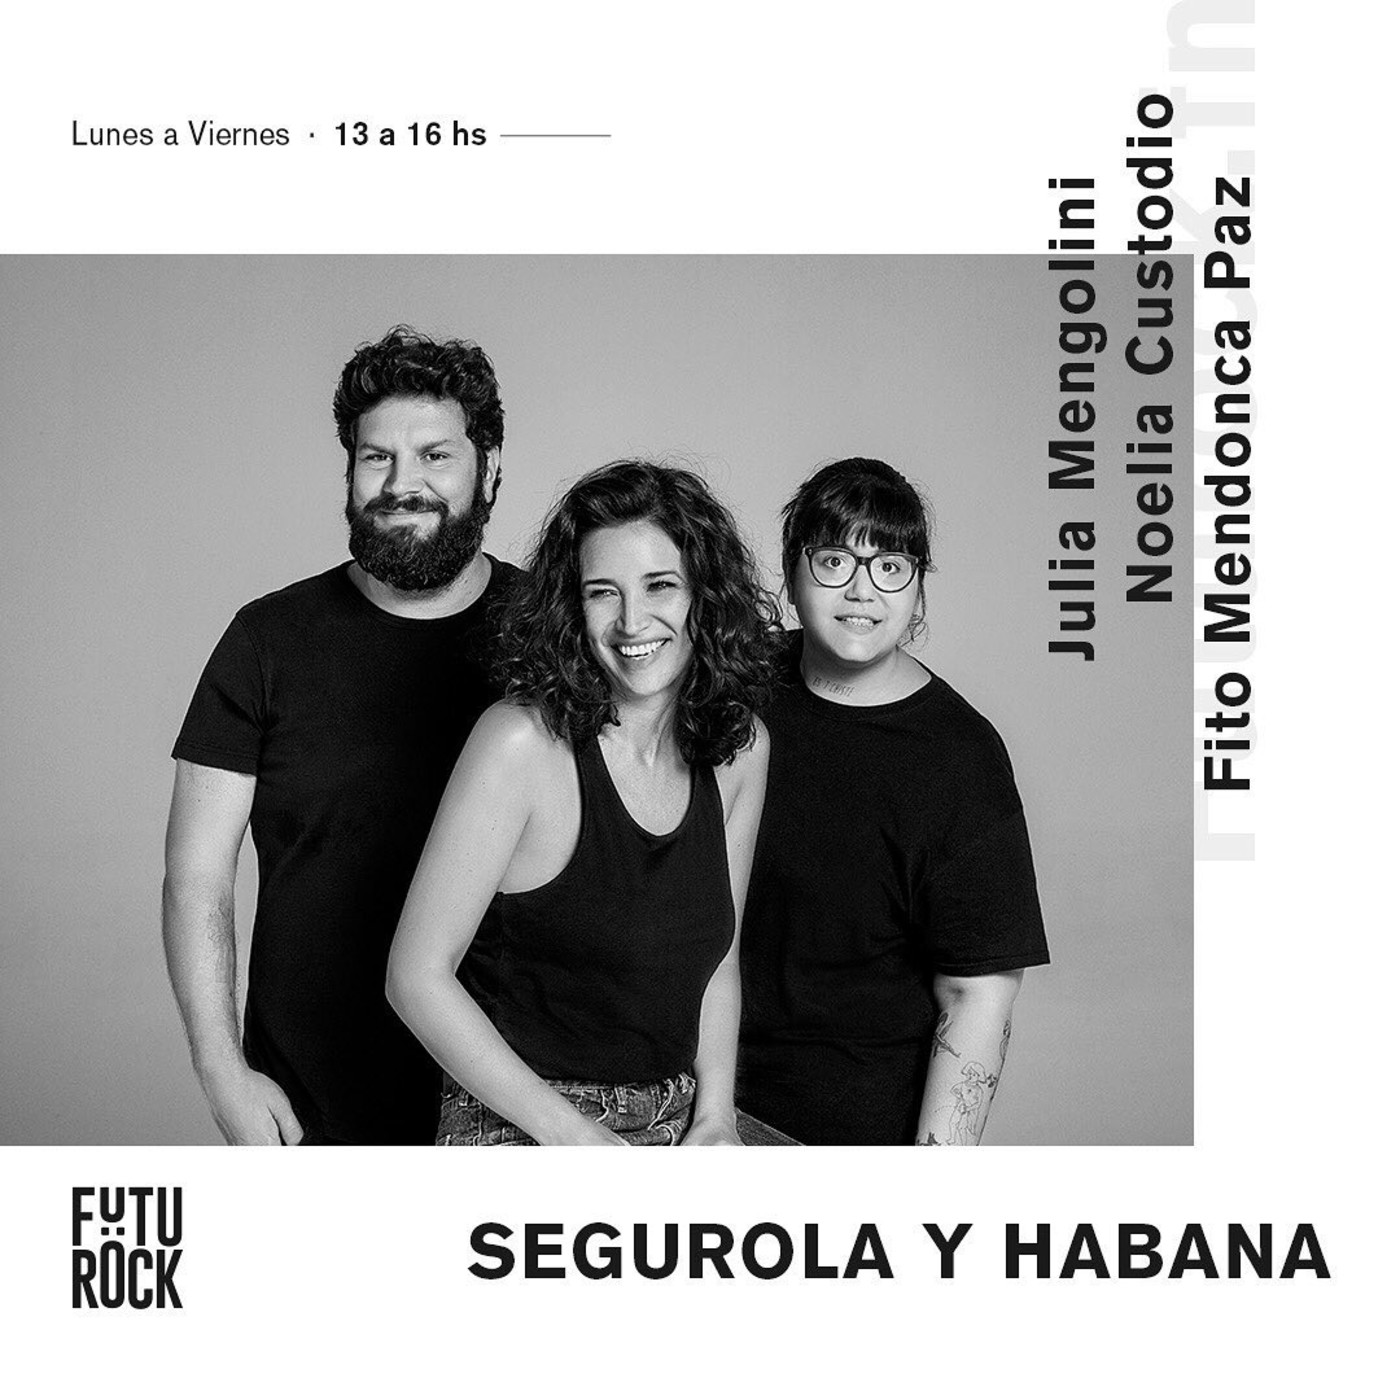 Segurola y Habana